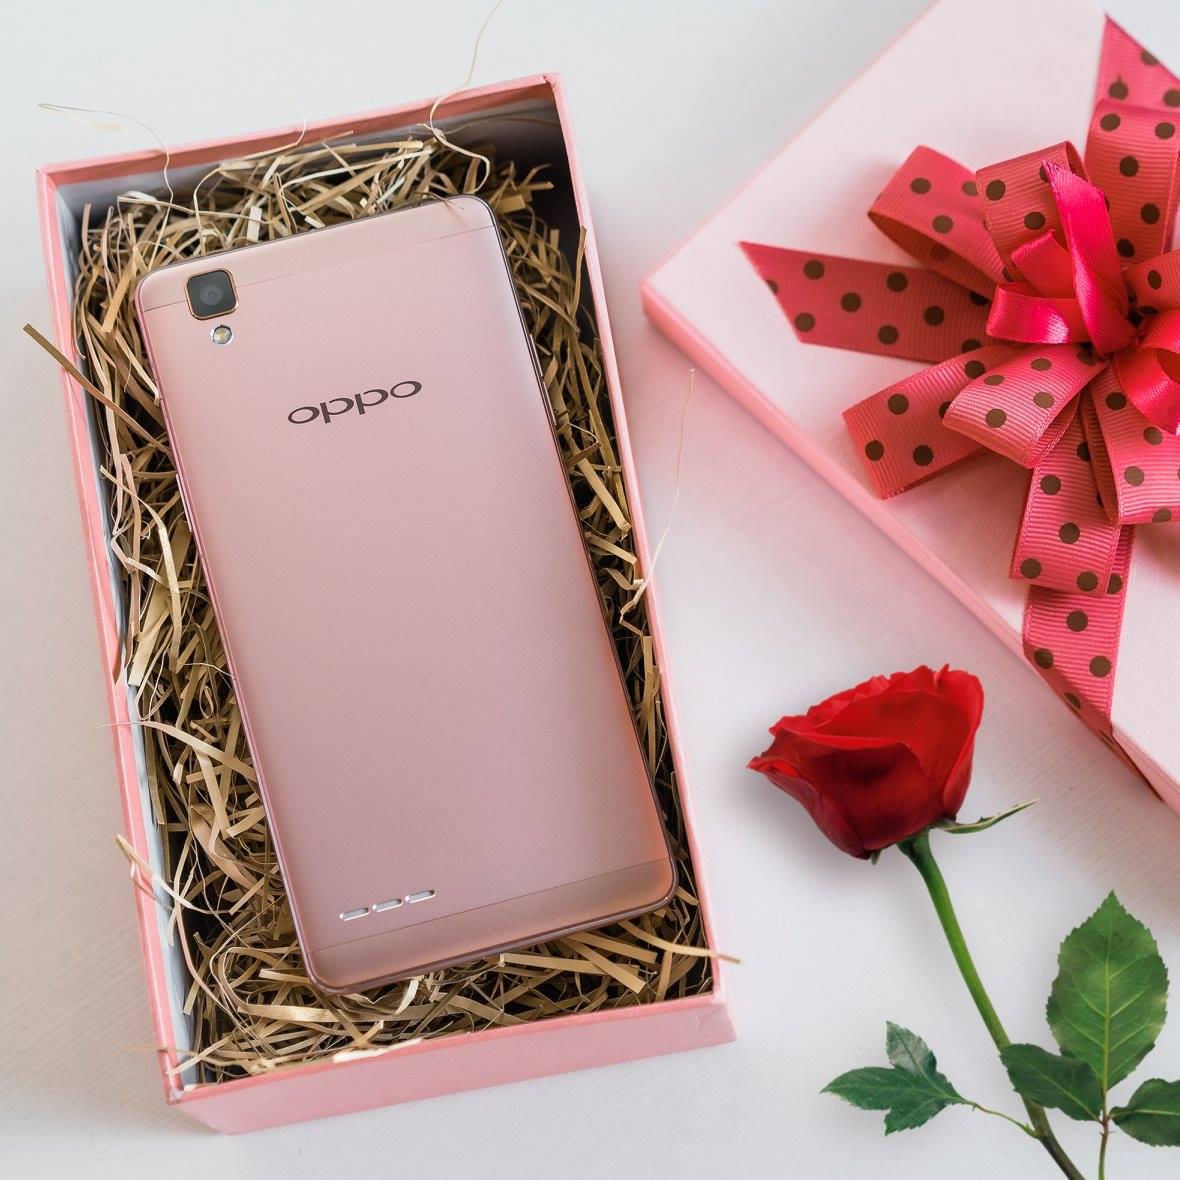 OPPO F1 Rose-Gold